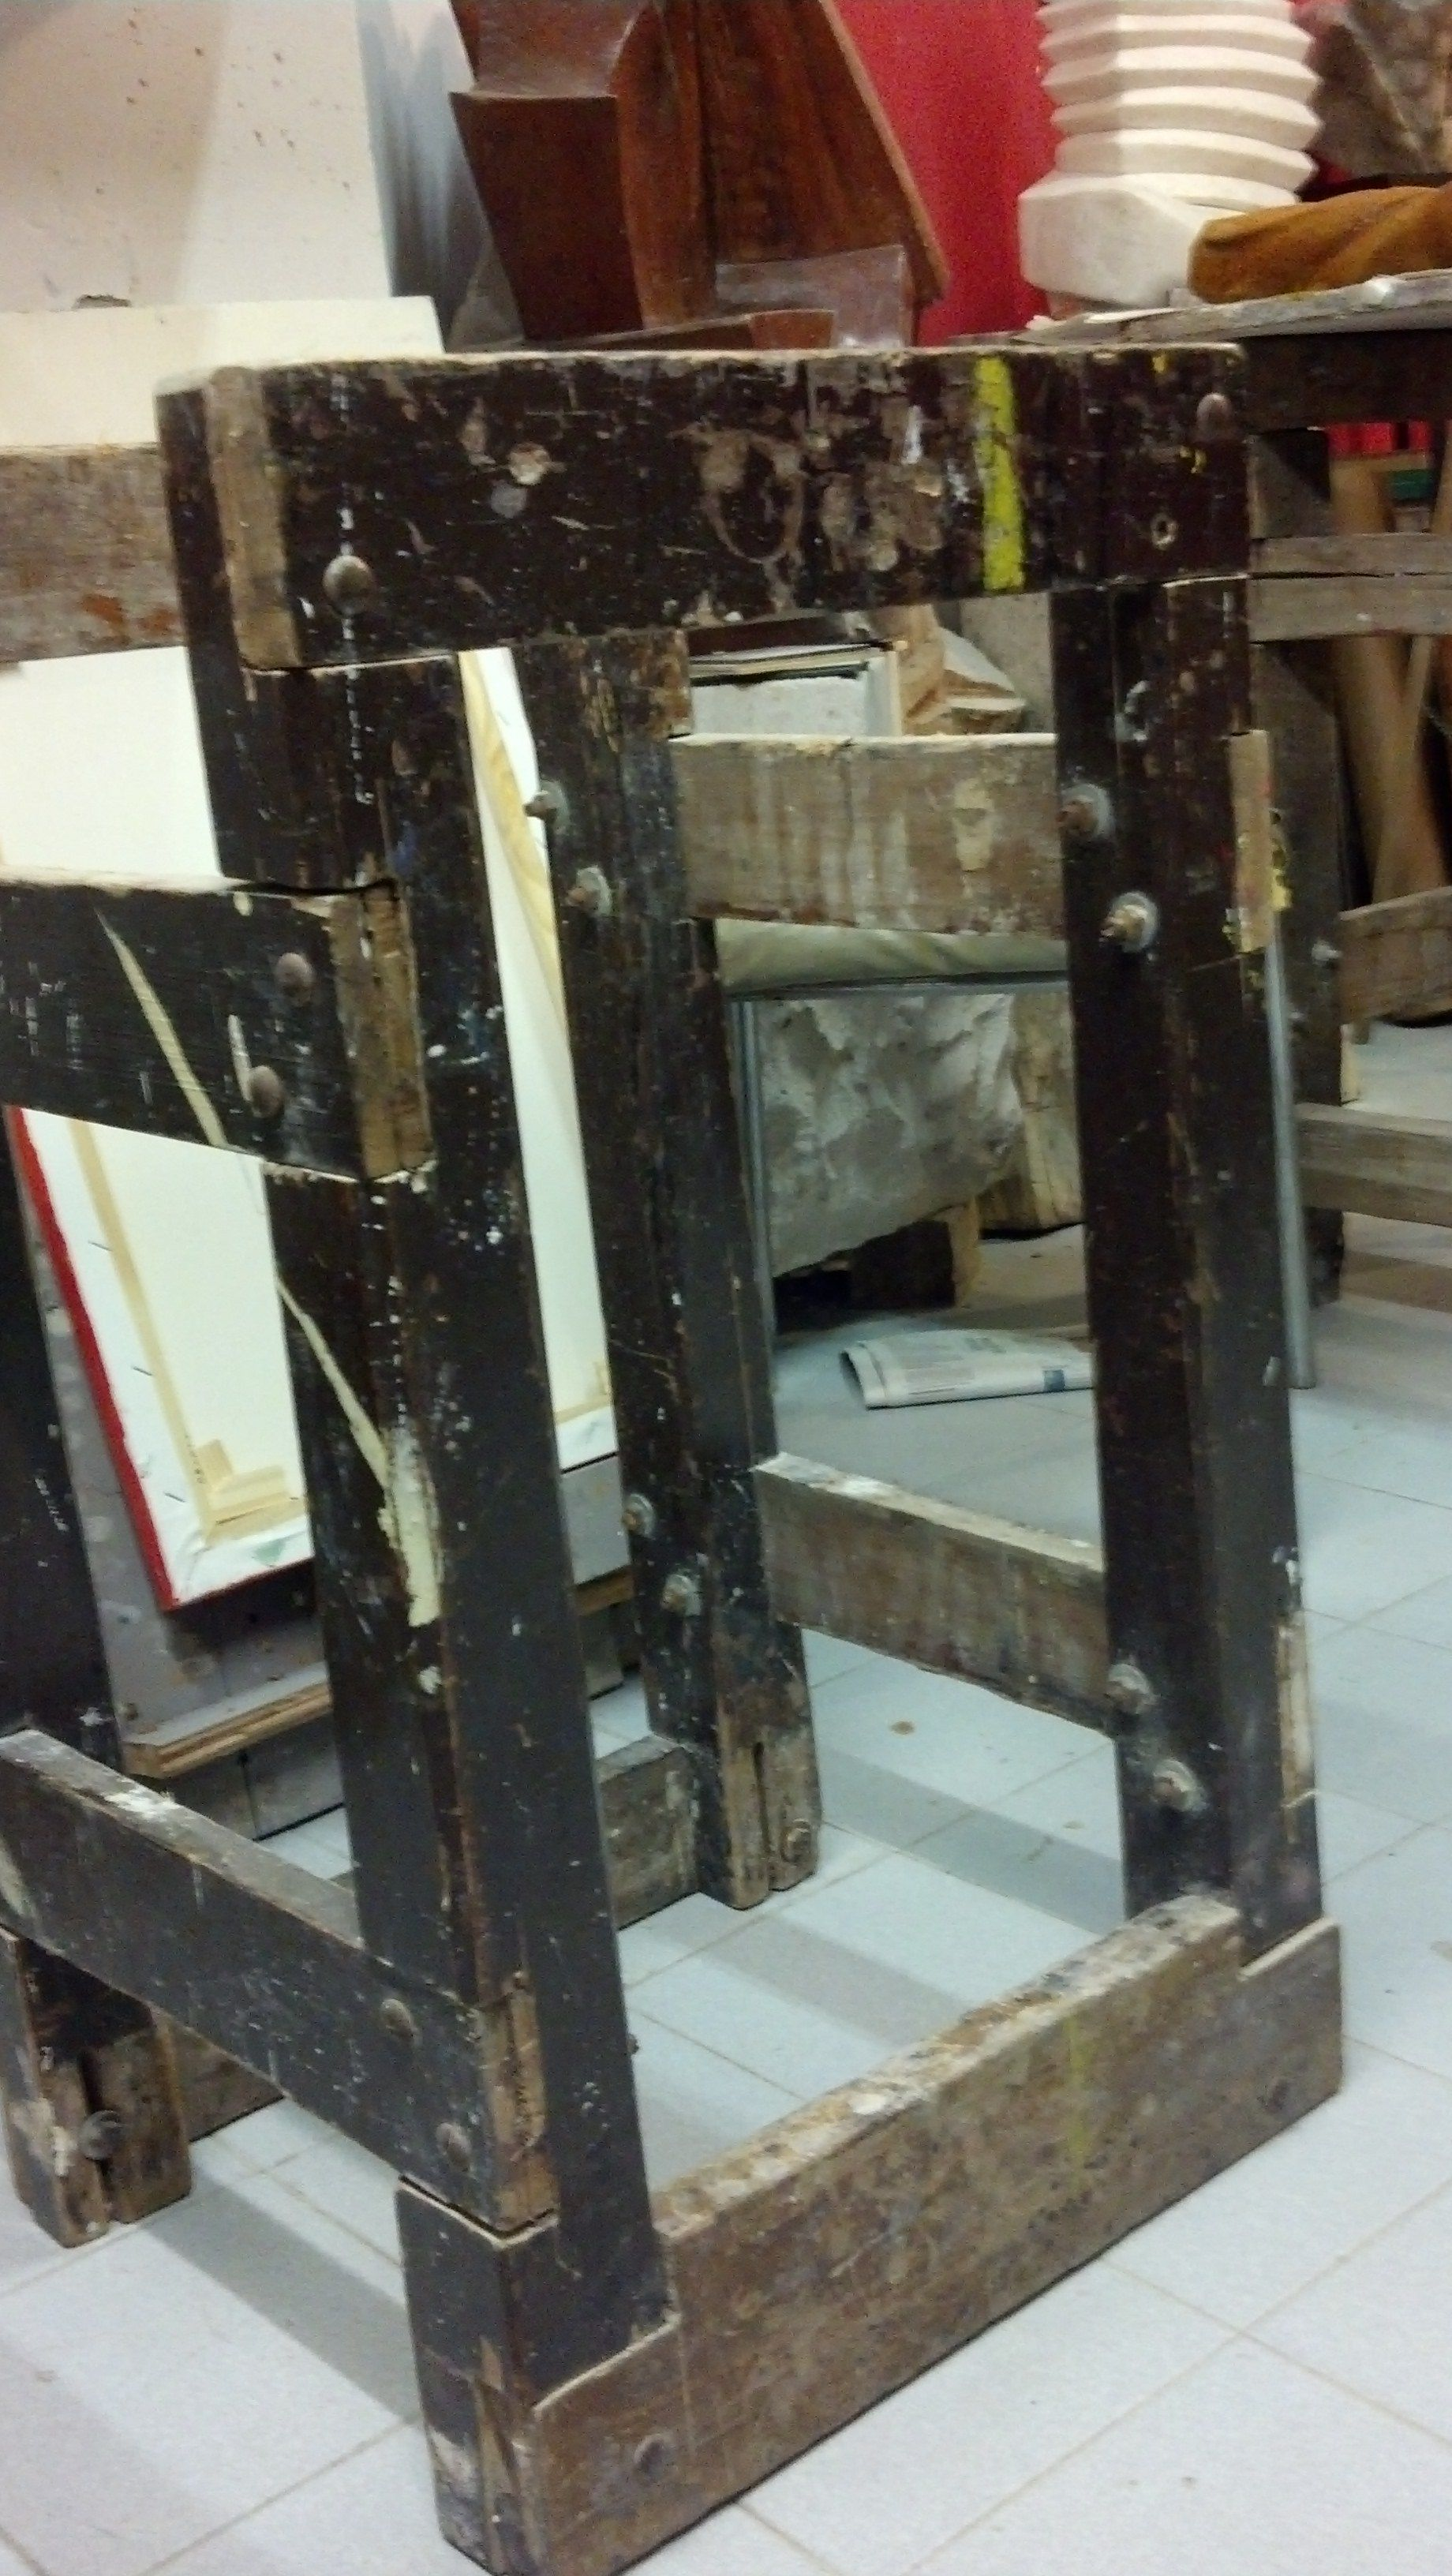 Banco de trabajo 76cm alto x 45cm de lado x 40 cm de ancho. Ideal para tallar madera y troncos